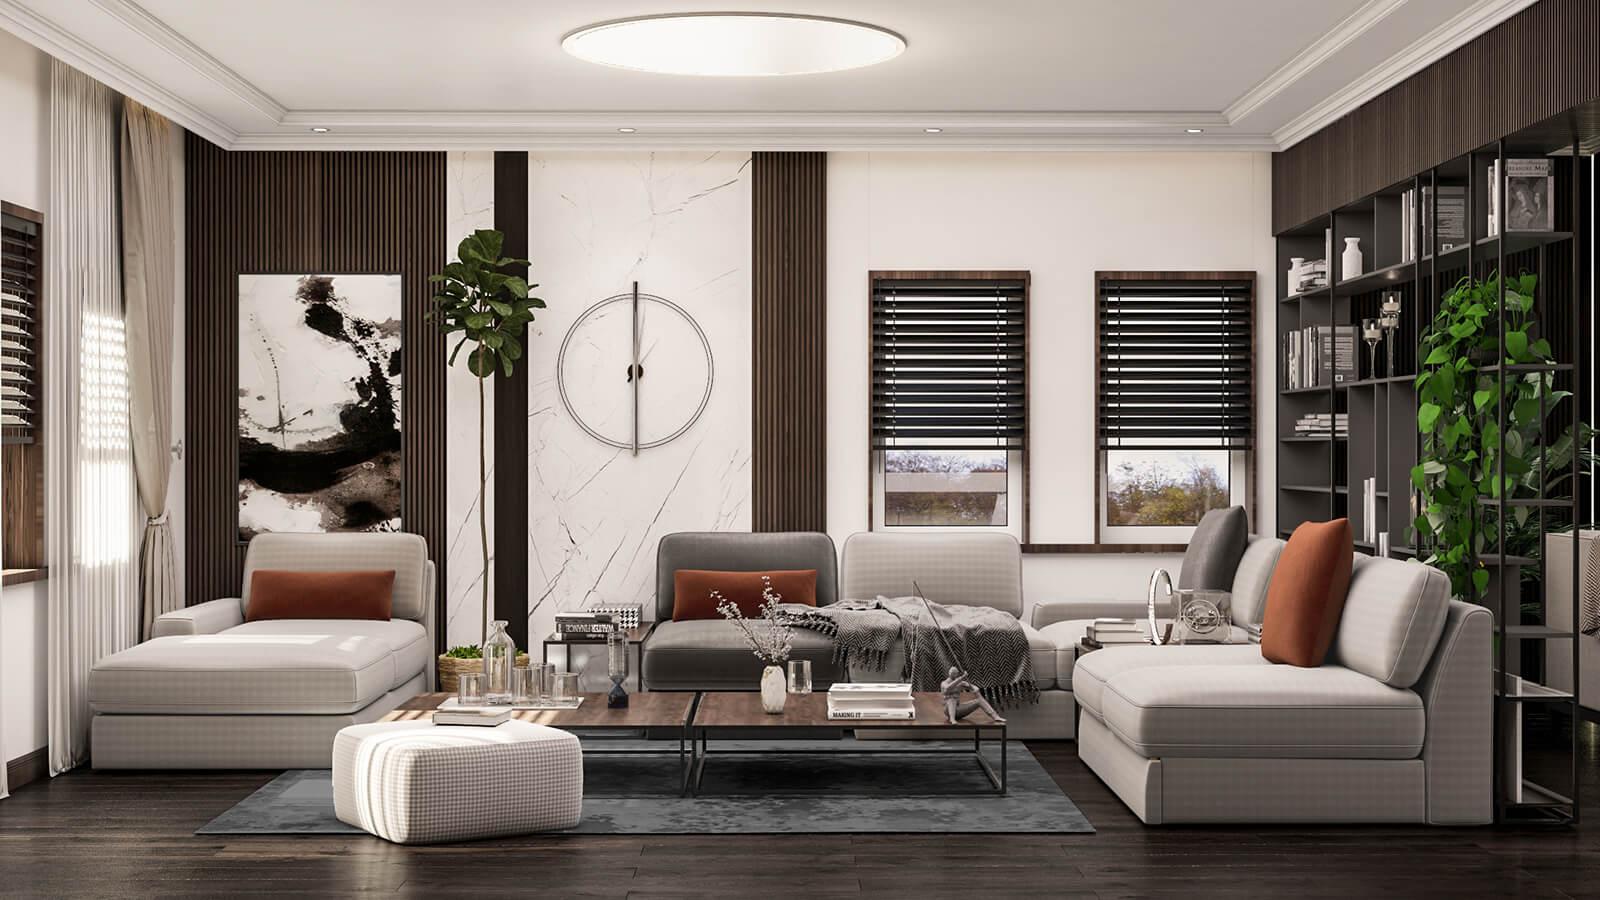 interioren-dizain-na-kashta-serena-esteta-interiori-vsekidnevna (5)